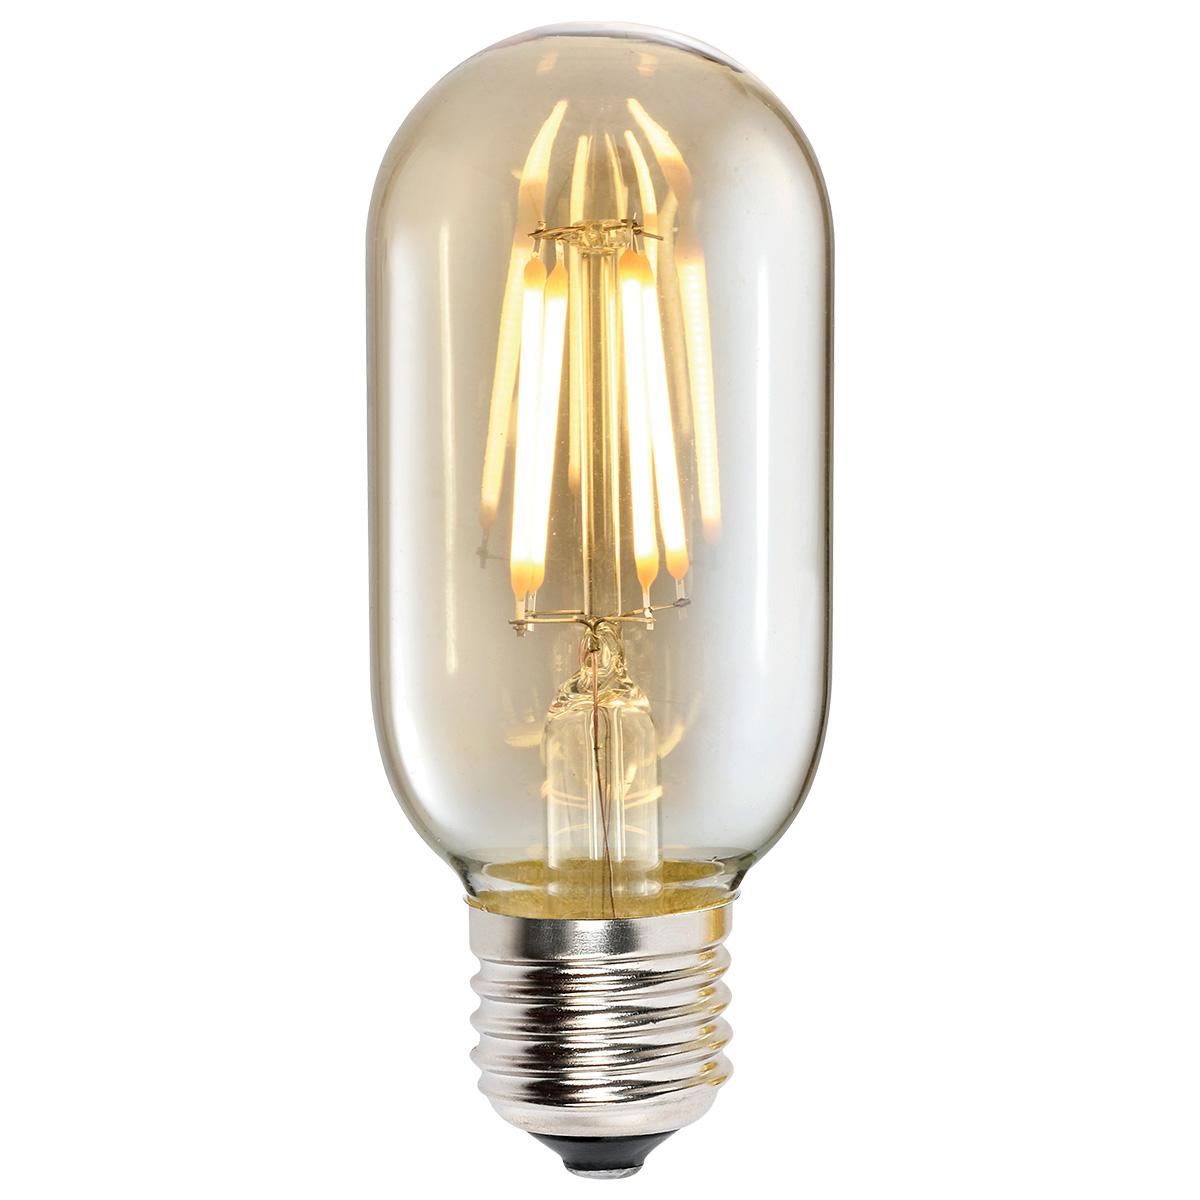 Lampa LED T45 4W AMBER E27 2700K 220V (TL)100sh